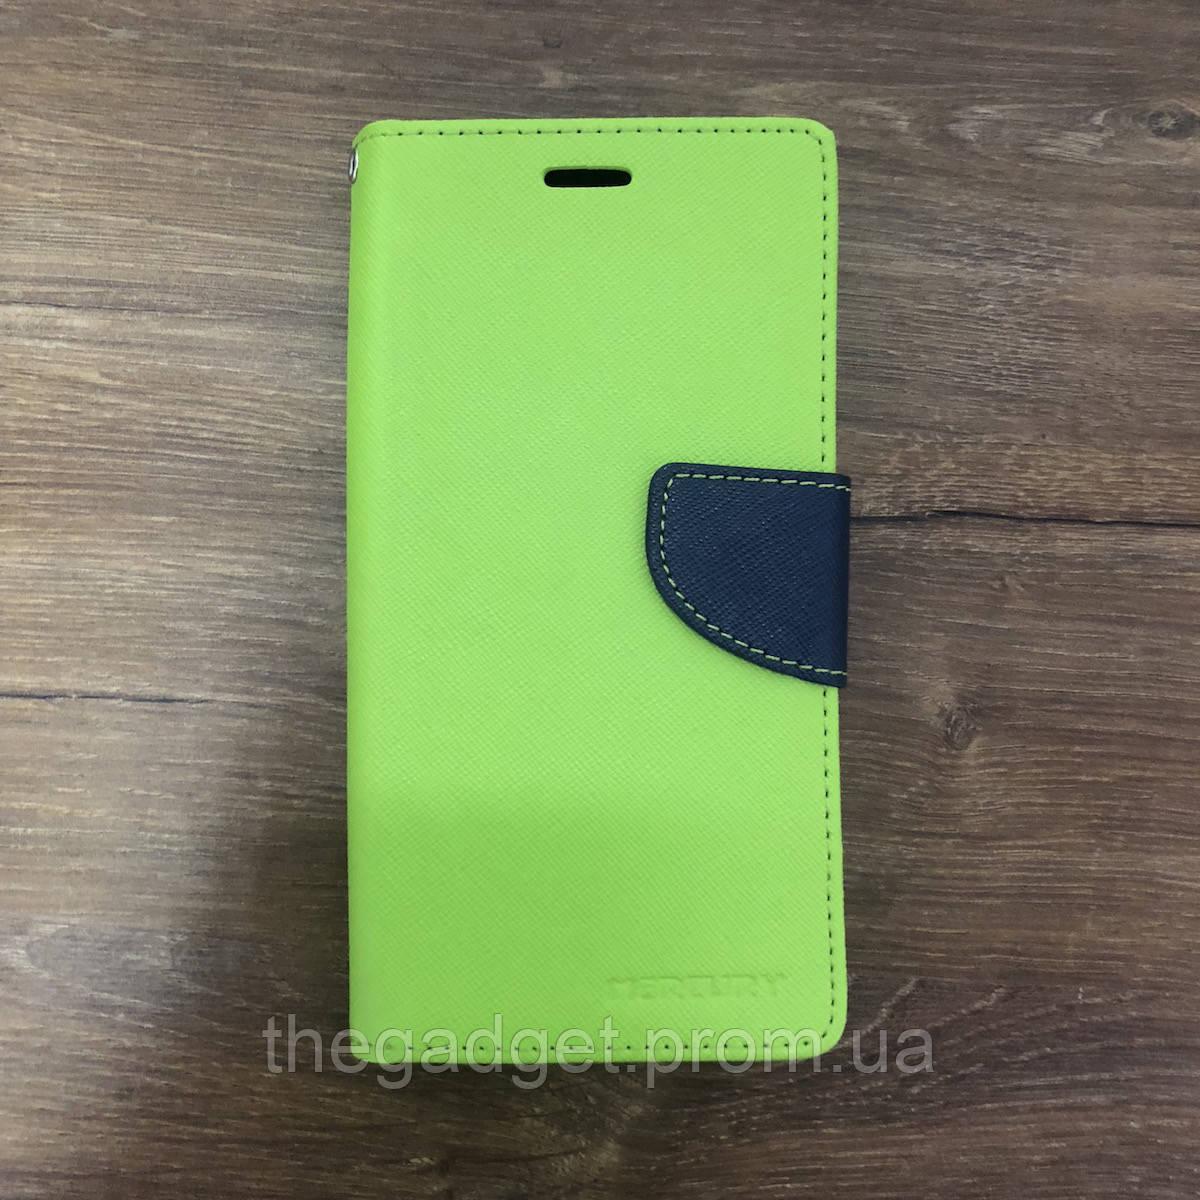 Чехол Книжка Goospery Samsung A510 (A5-2016) зеленый